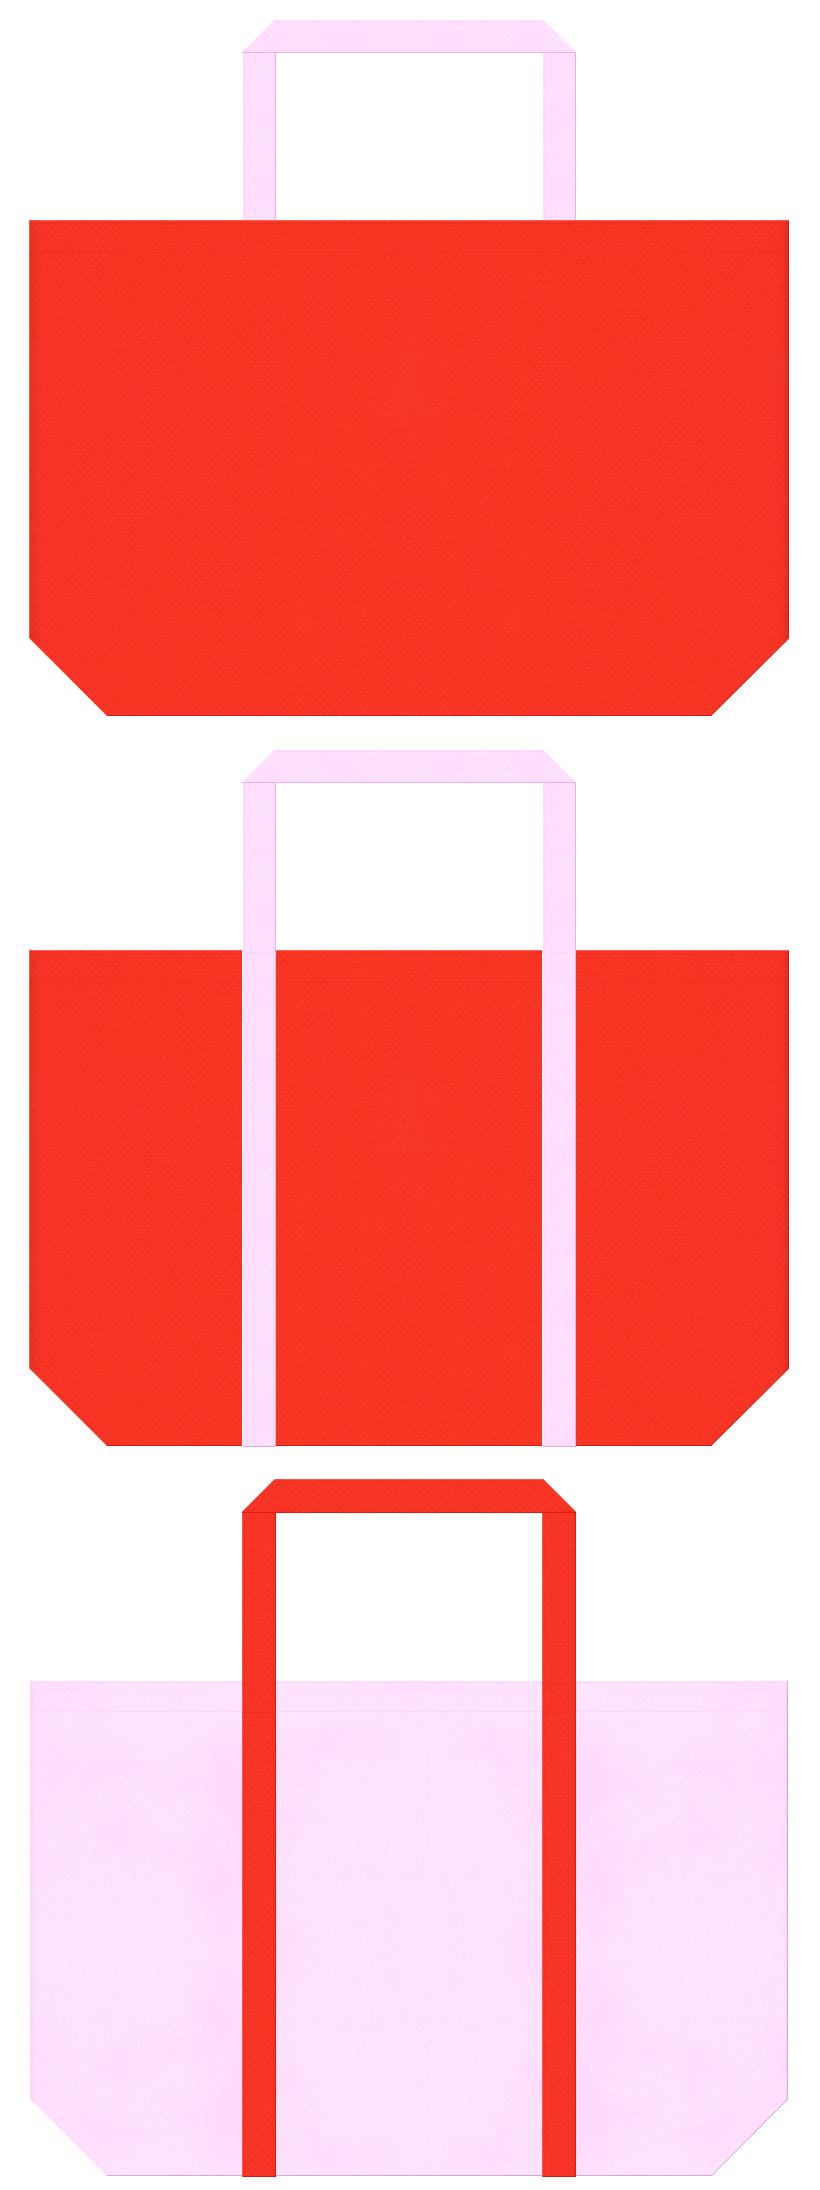 不織布バッグのデザイン:オレンジ色と明るいピンク色のコーデ